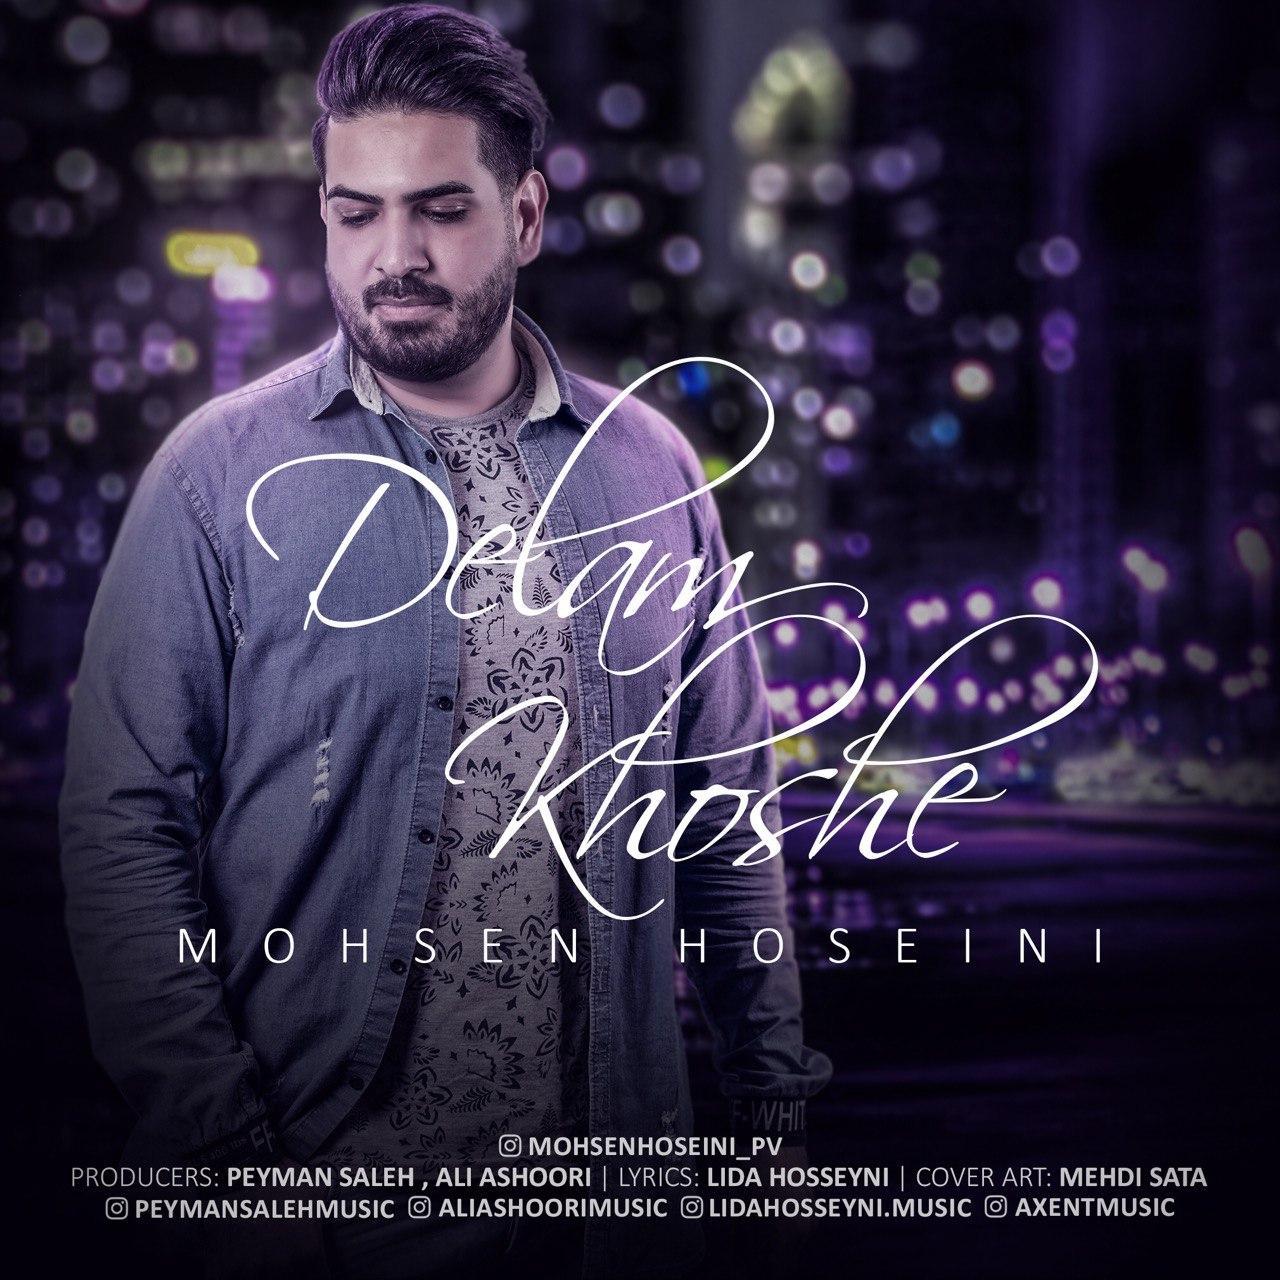 Mohesn Hoseini – Delam Khoshe